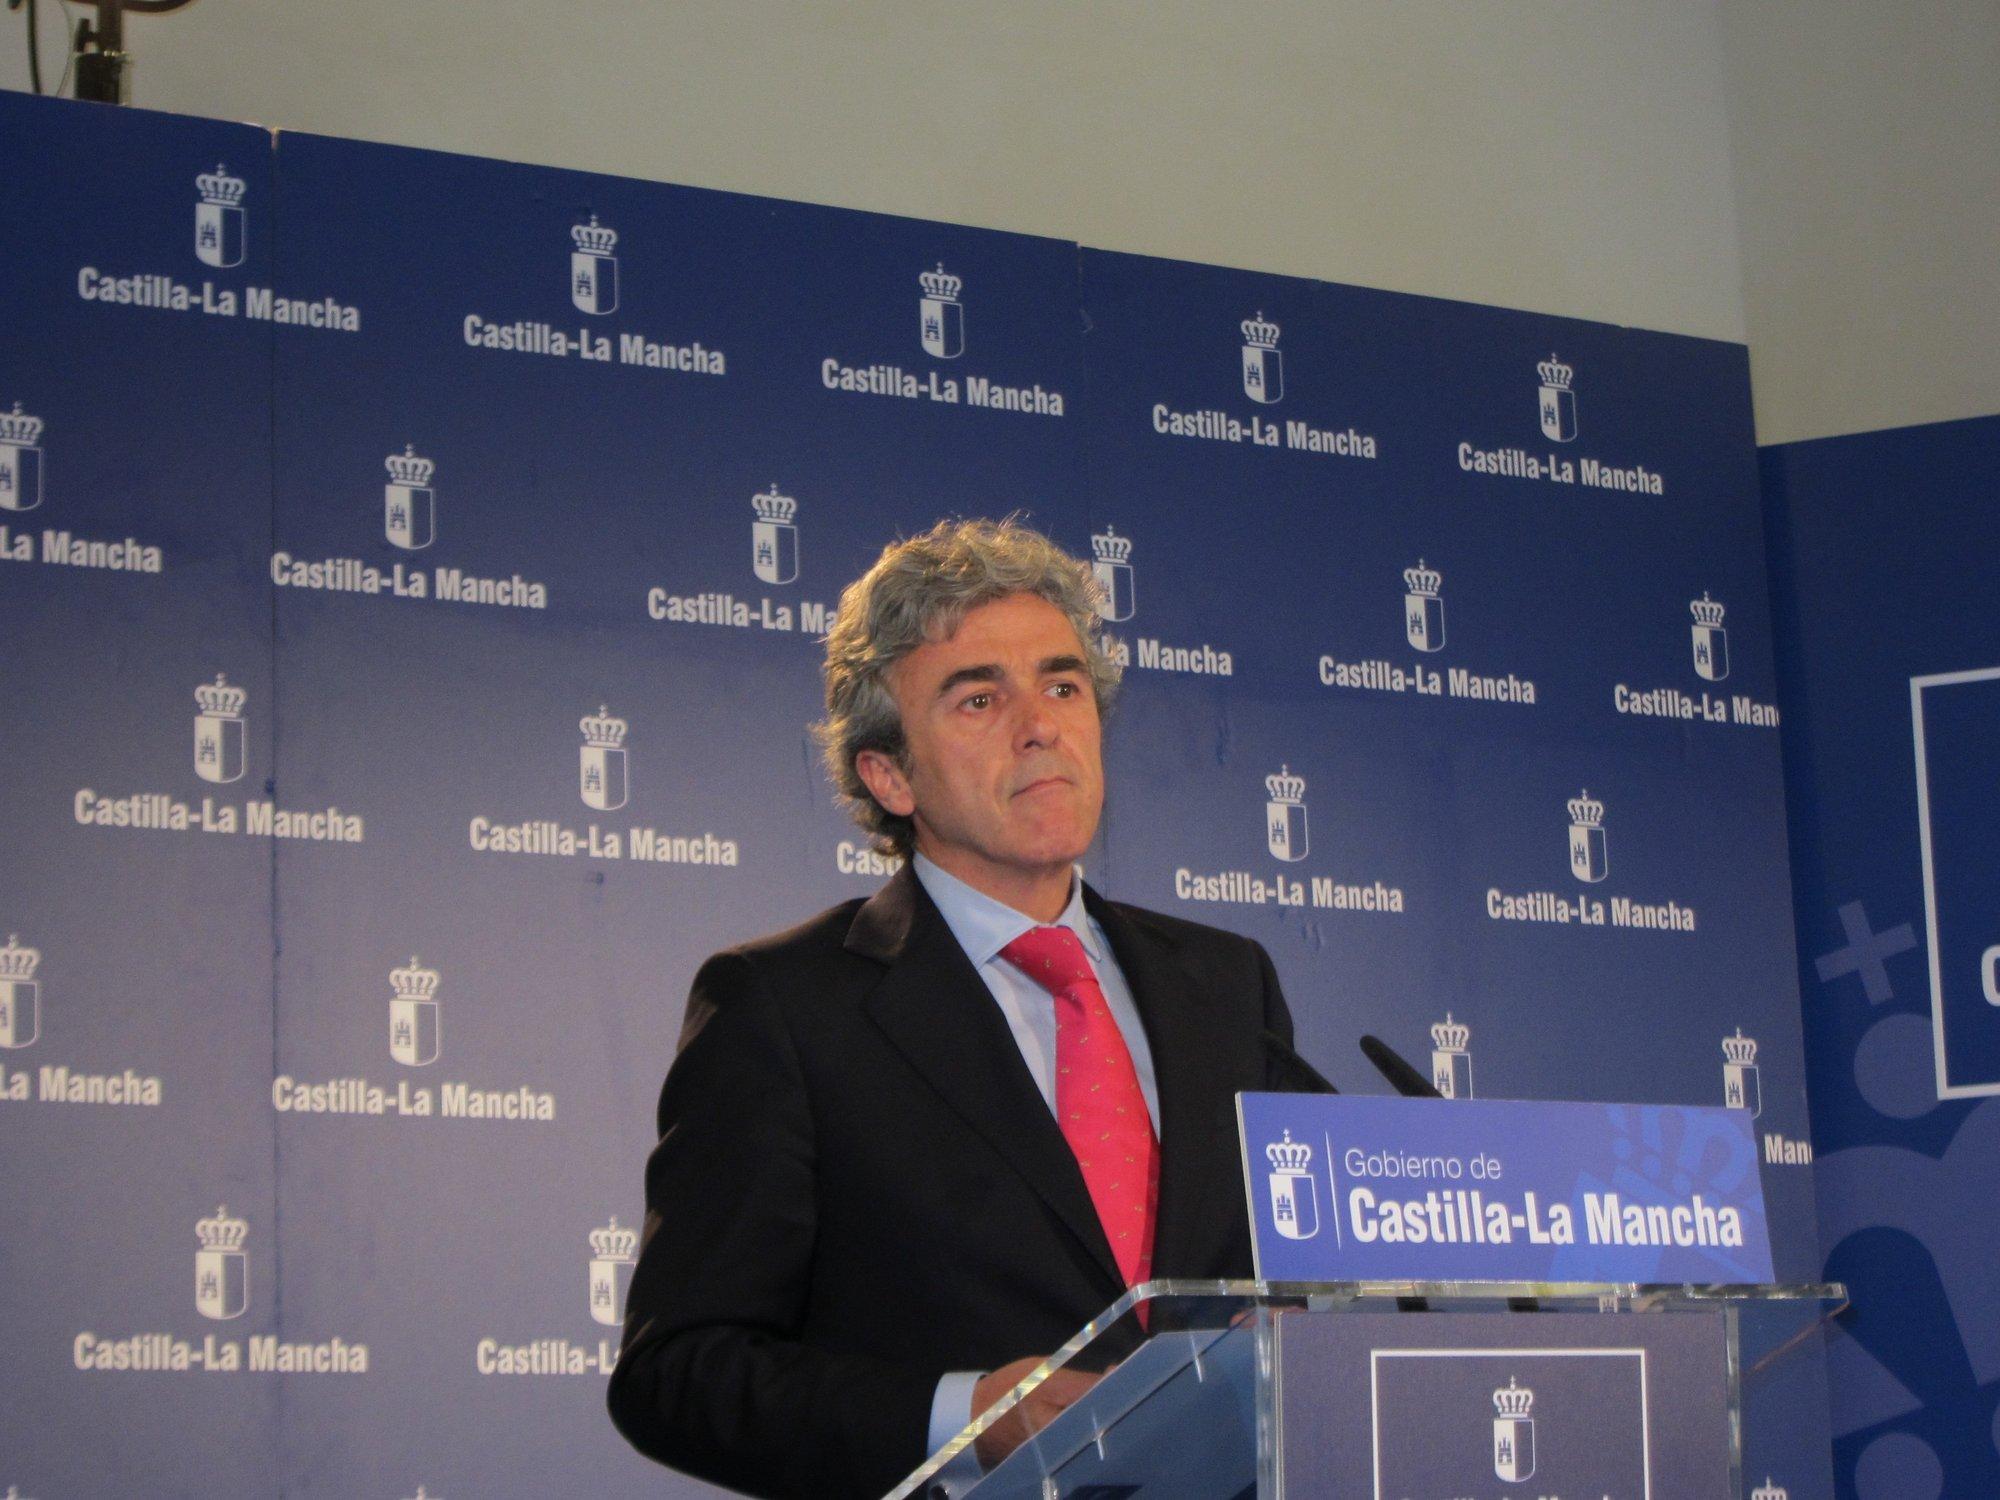 Castilla-La Mancha presentará este viernes en las Cortes los presupuestos generales para el año 2012